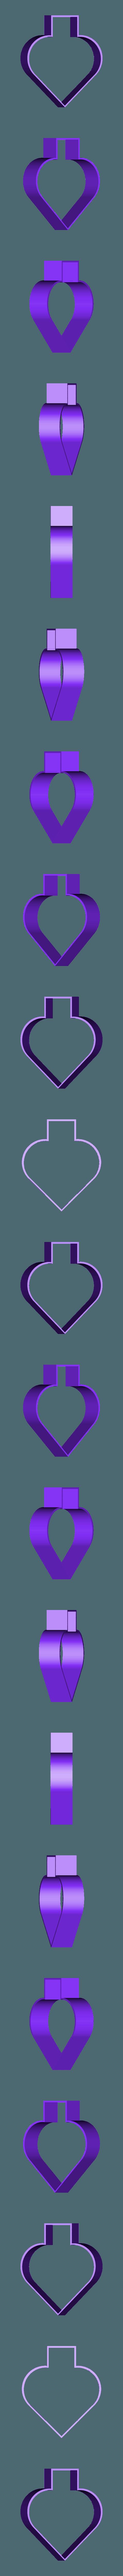 pique.stl Download free OBJ file heart-tile-clover-pique • 3D printer object, nitrog